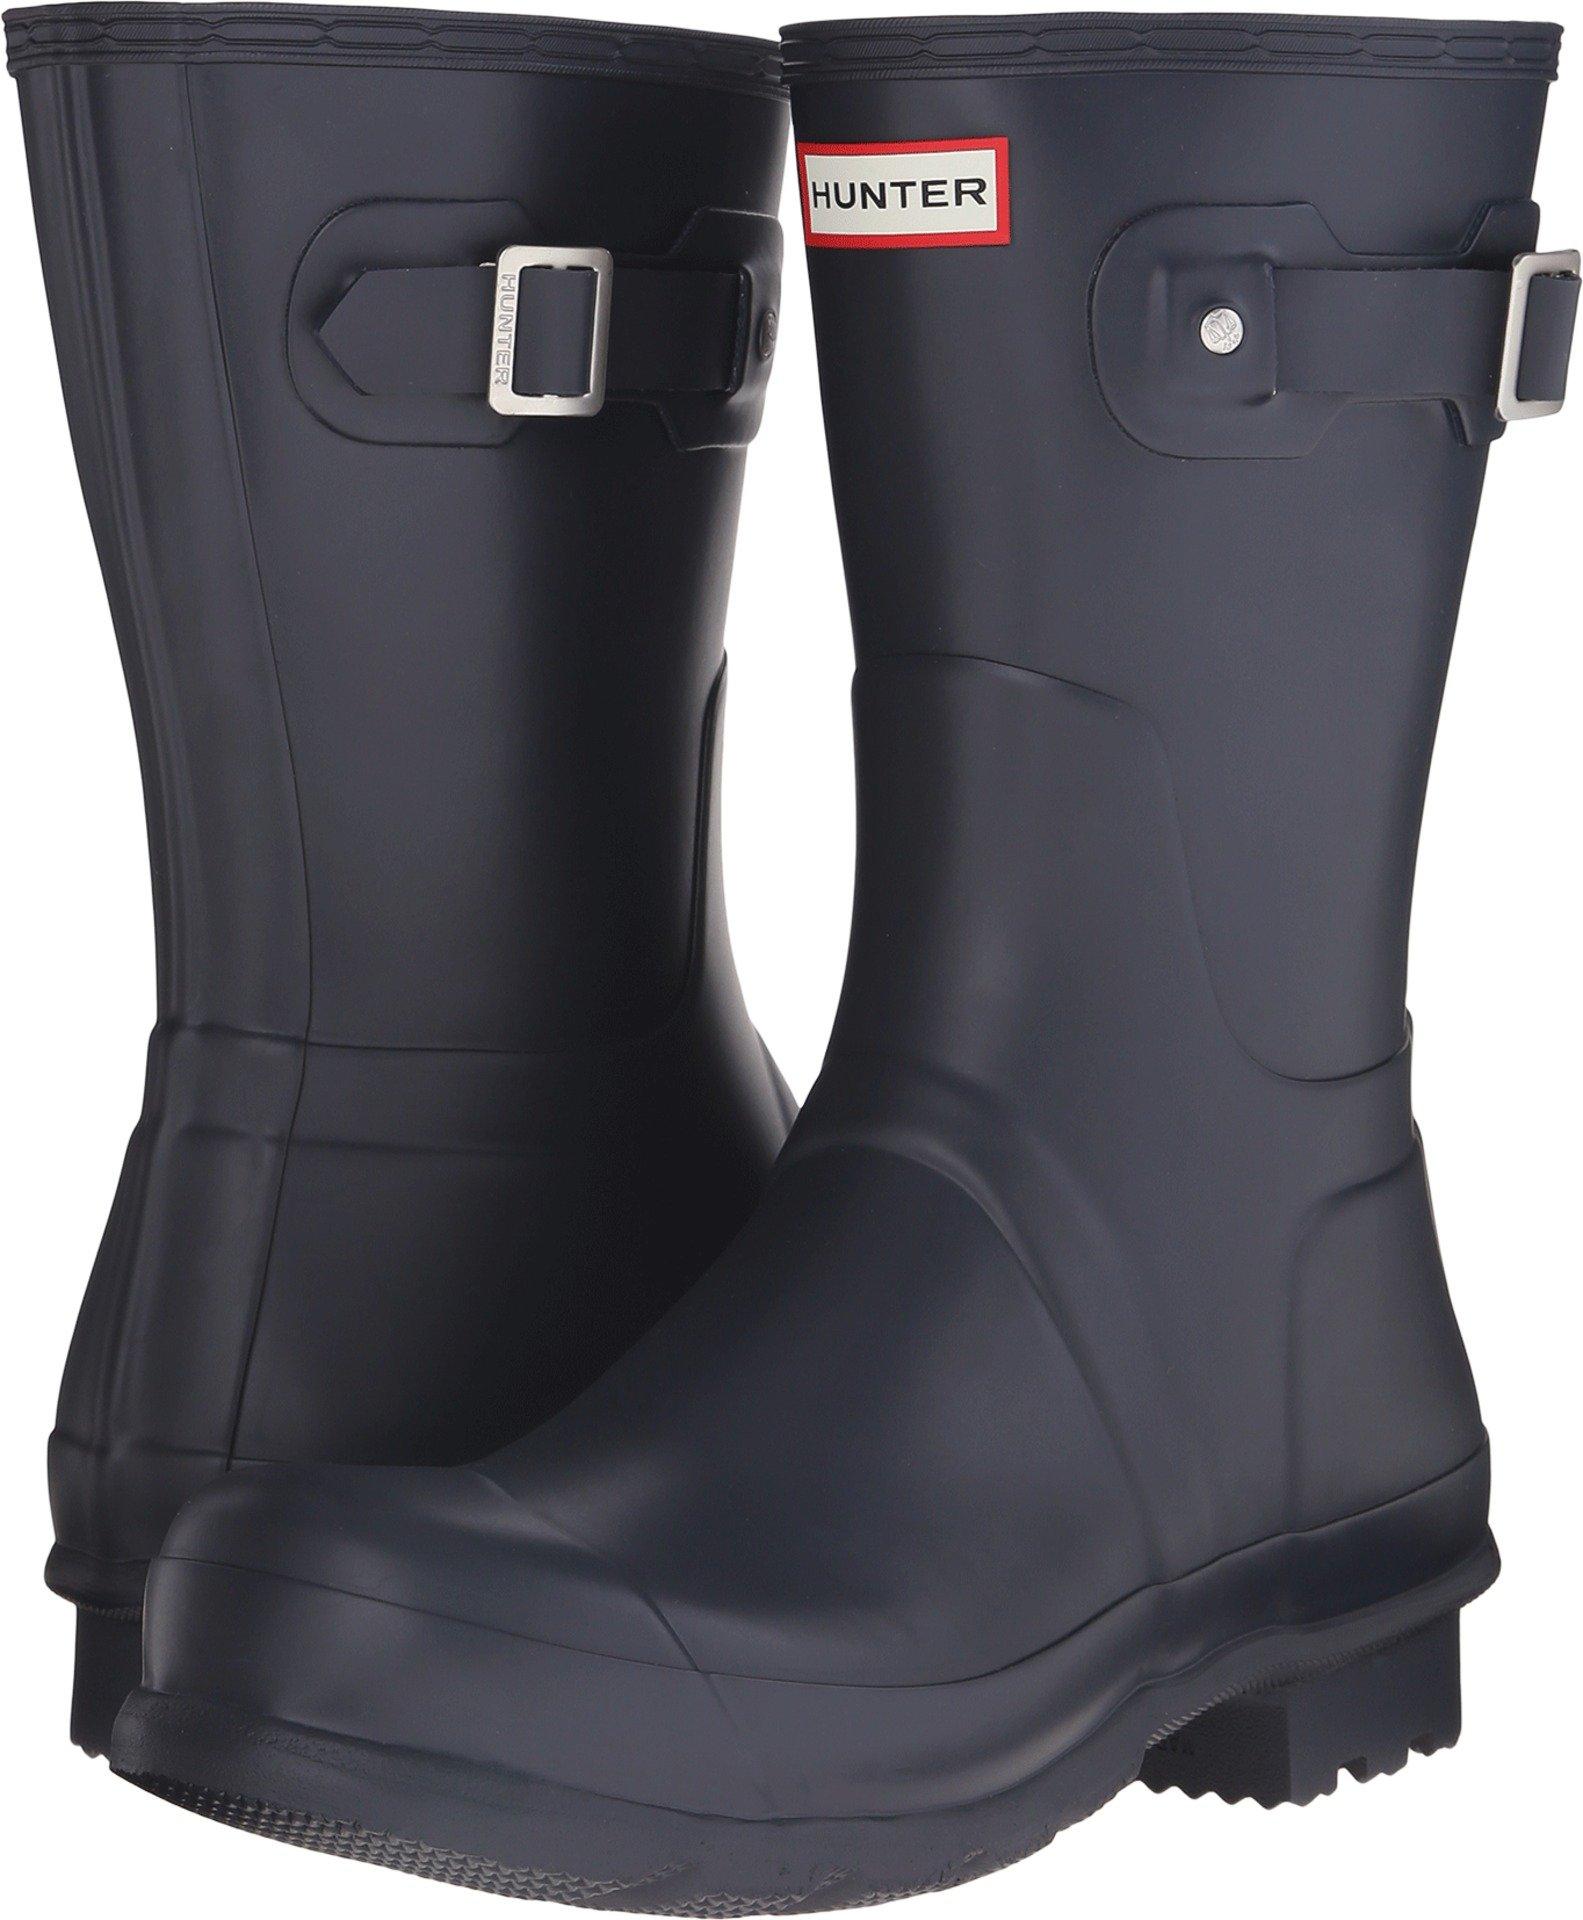 Hunter Mens Original Short Rain Boots Navy 10 M